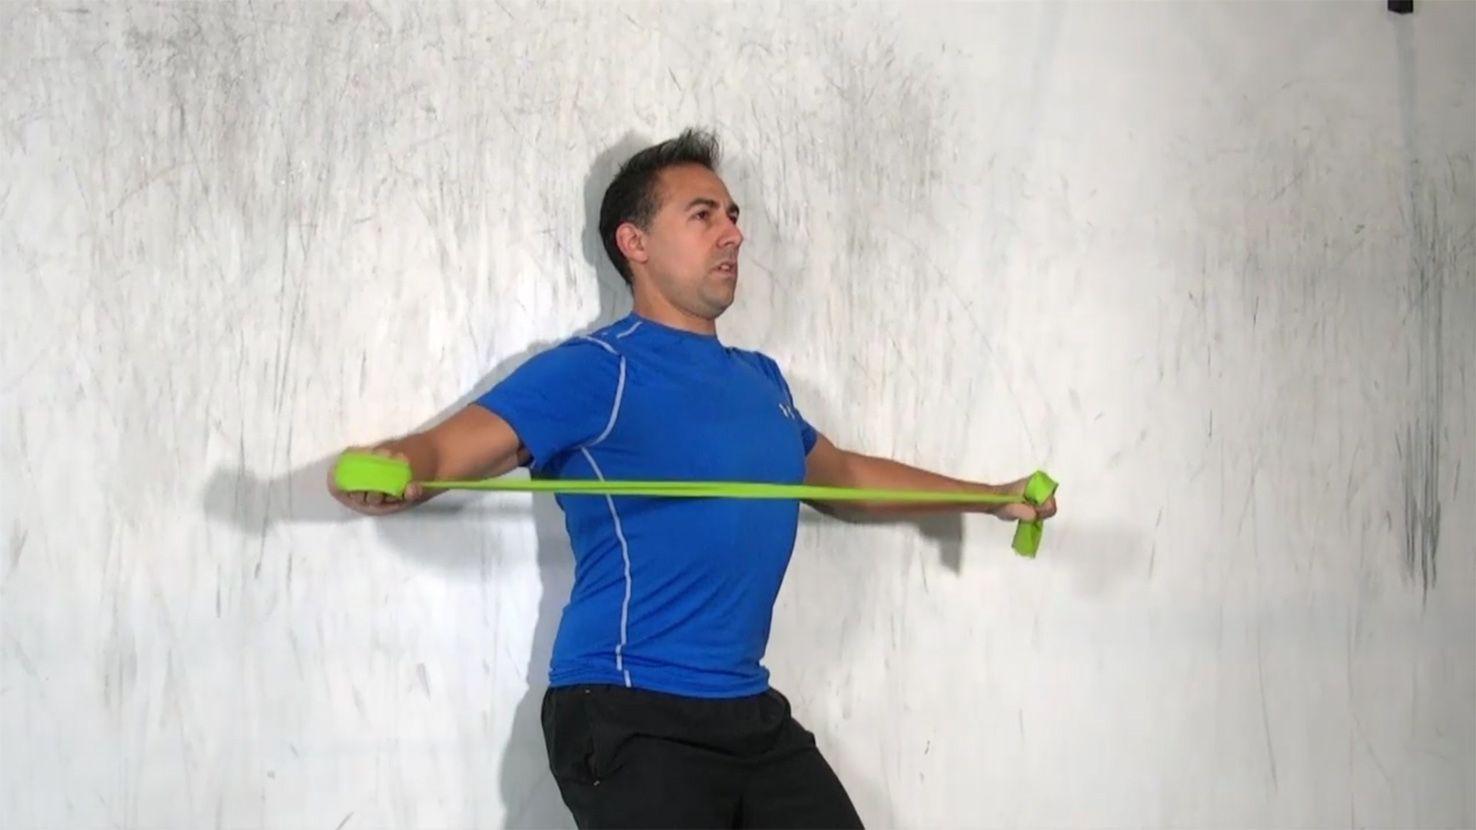 ¿Puedes hacer este ejercicio?